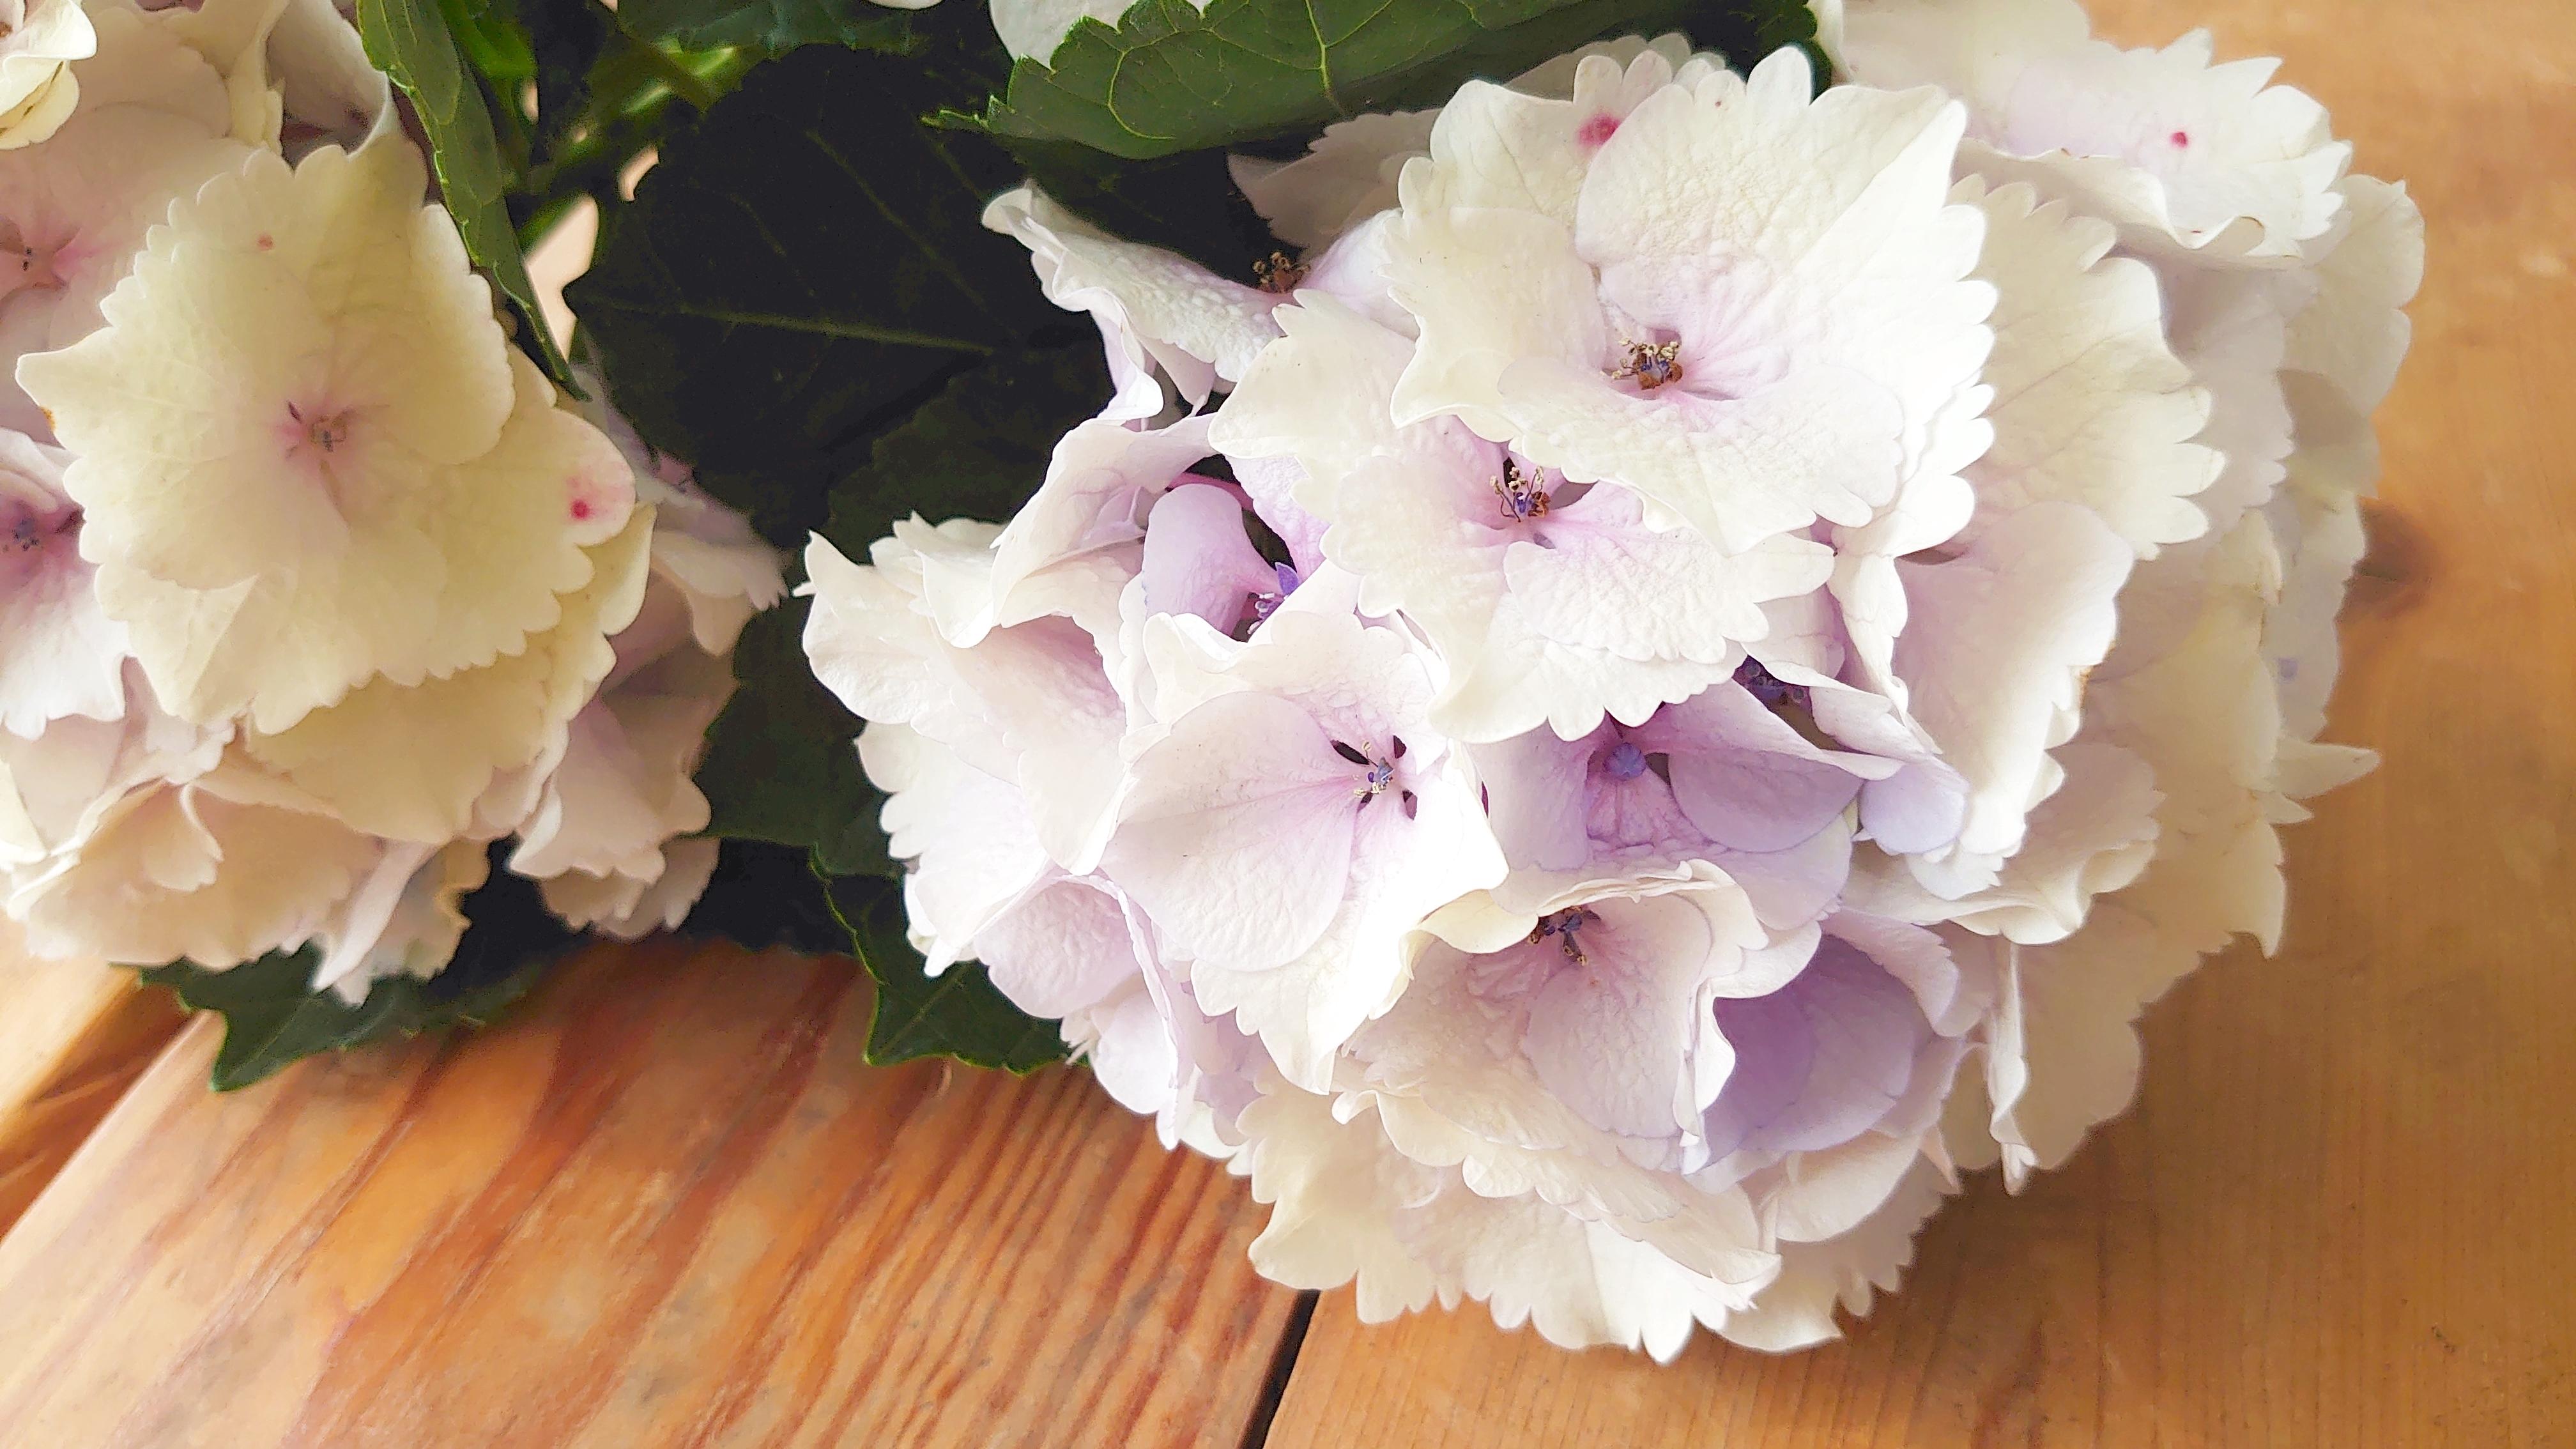 ブライダル応援!! 千葉県 青木園芸 ハイドランジア(アジサイ)エメラルドクラシックのご提案